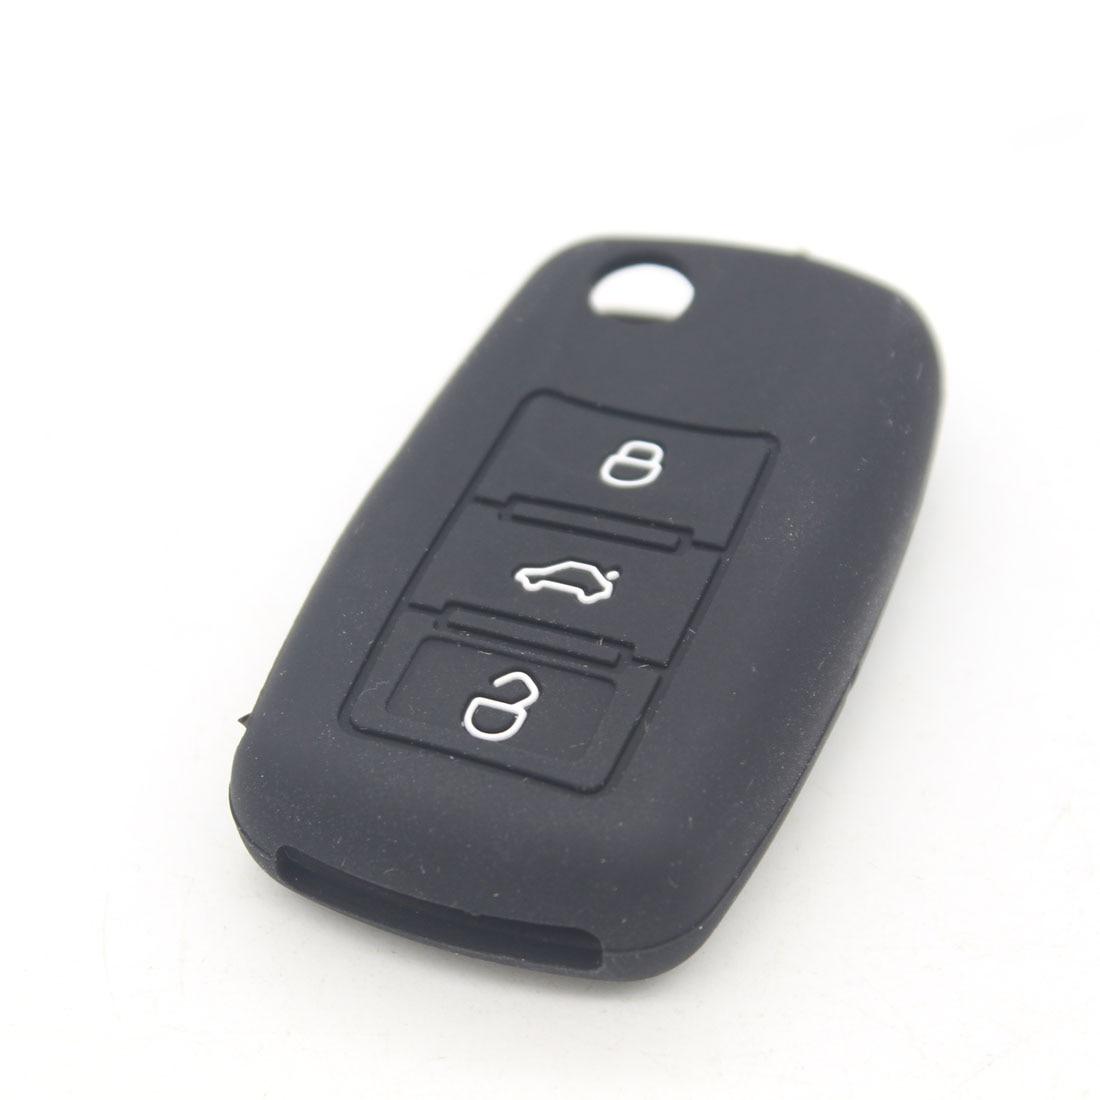 Dongzhen мини Силиконовый чехол В виде ракушки чехол для авто Дистанционное управление Ключи силиконовый чехол подходит для Skoda Octavia Fabia Superb